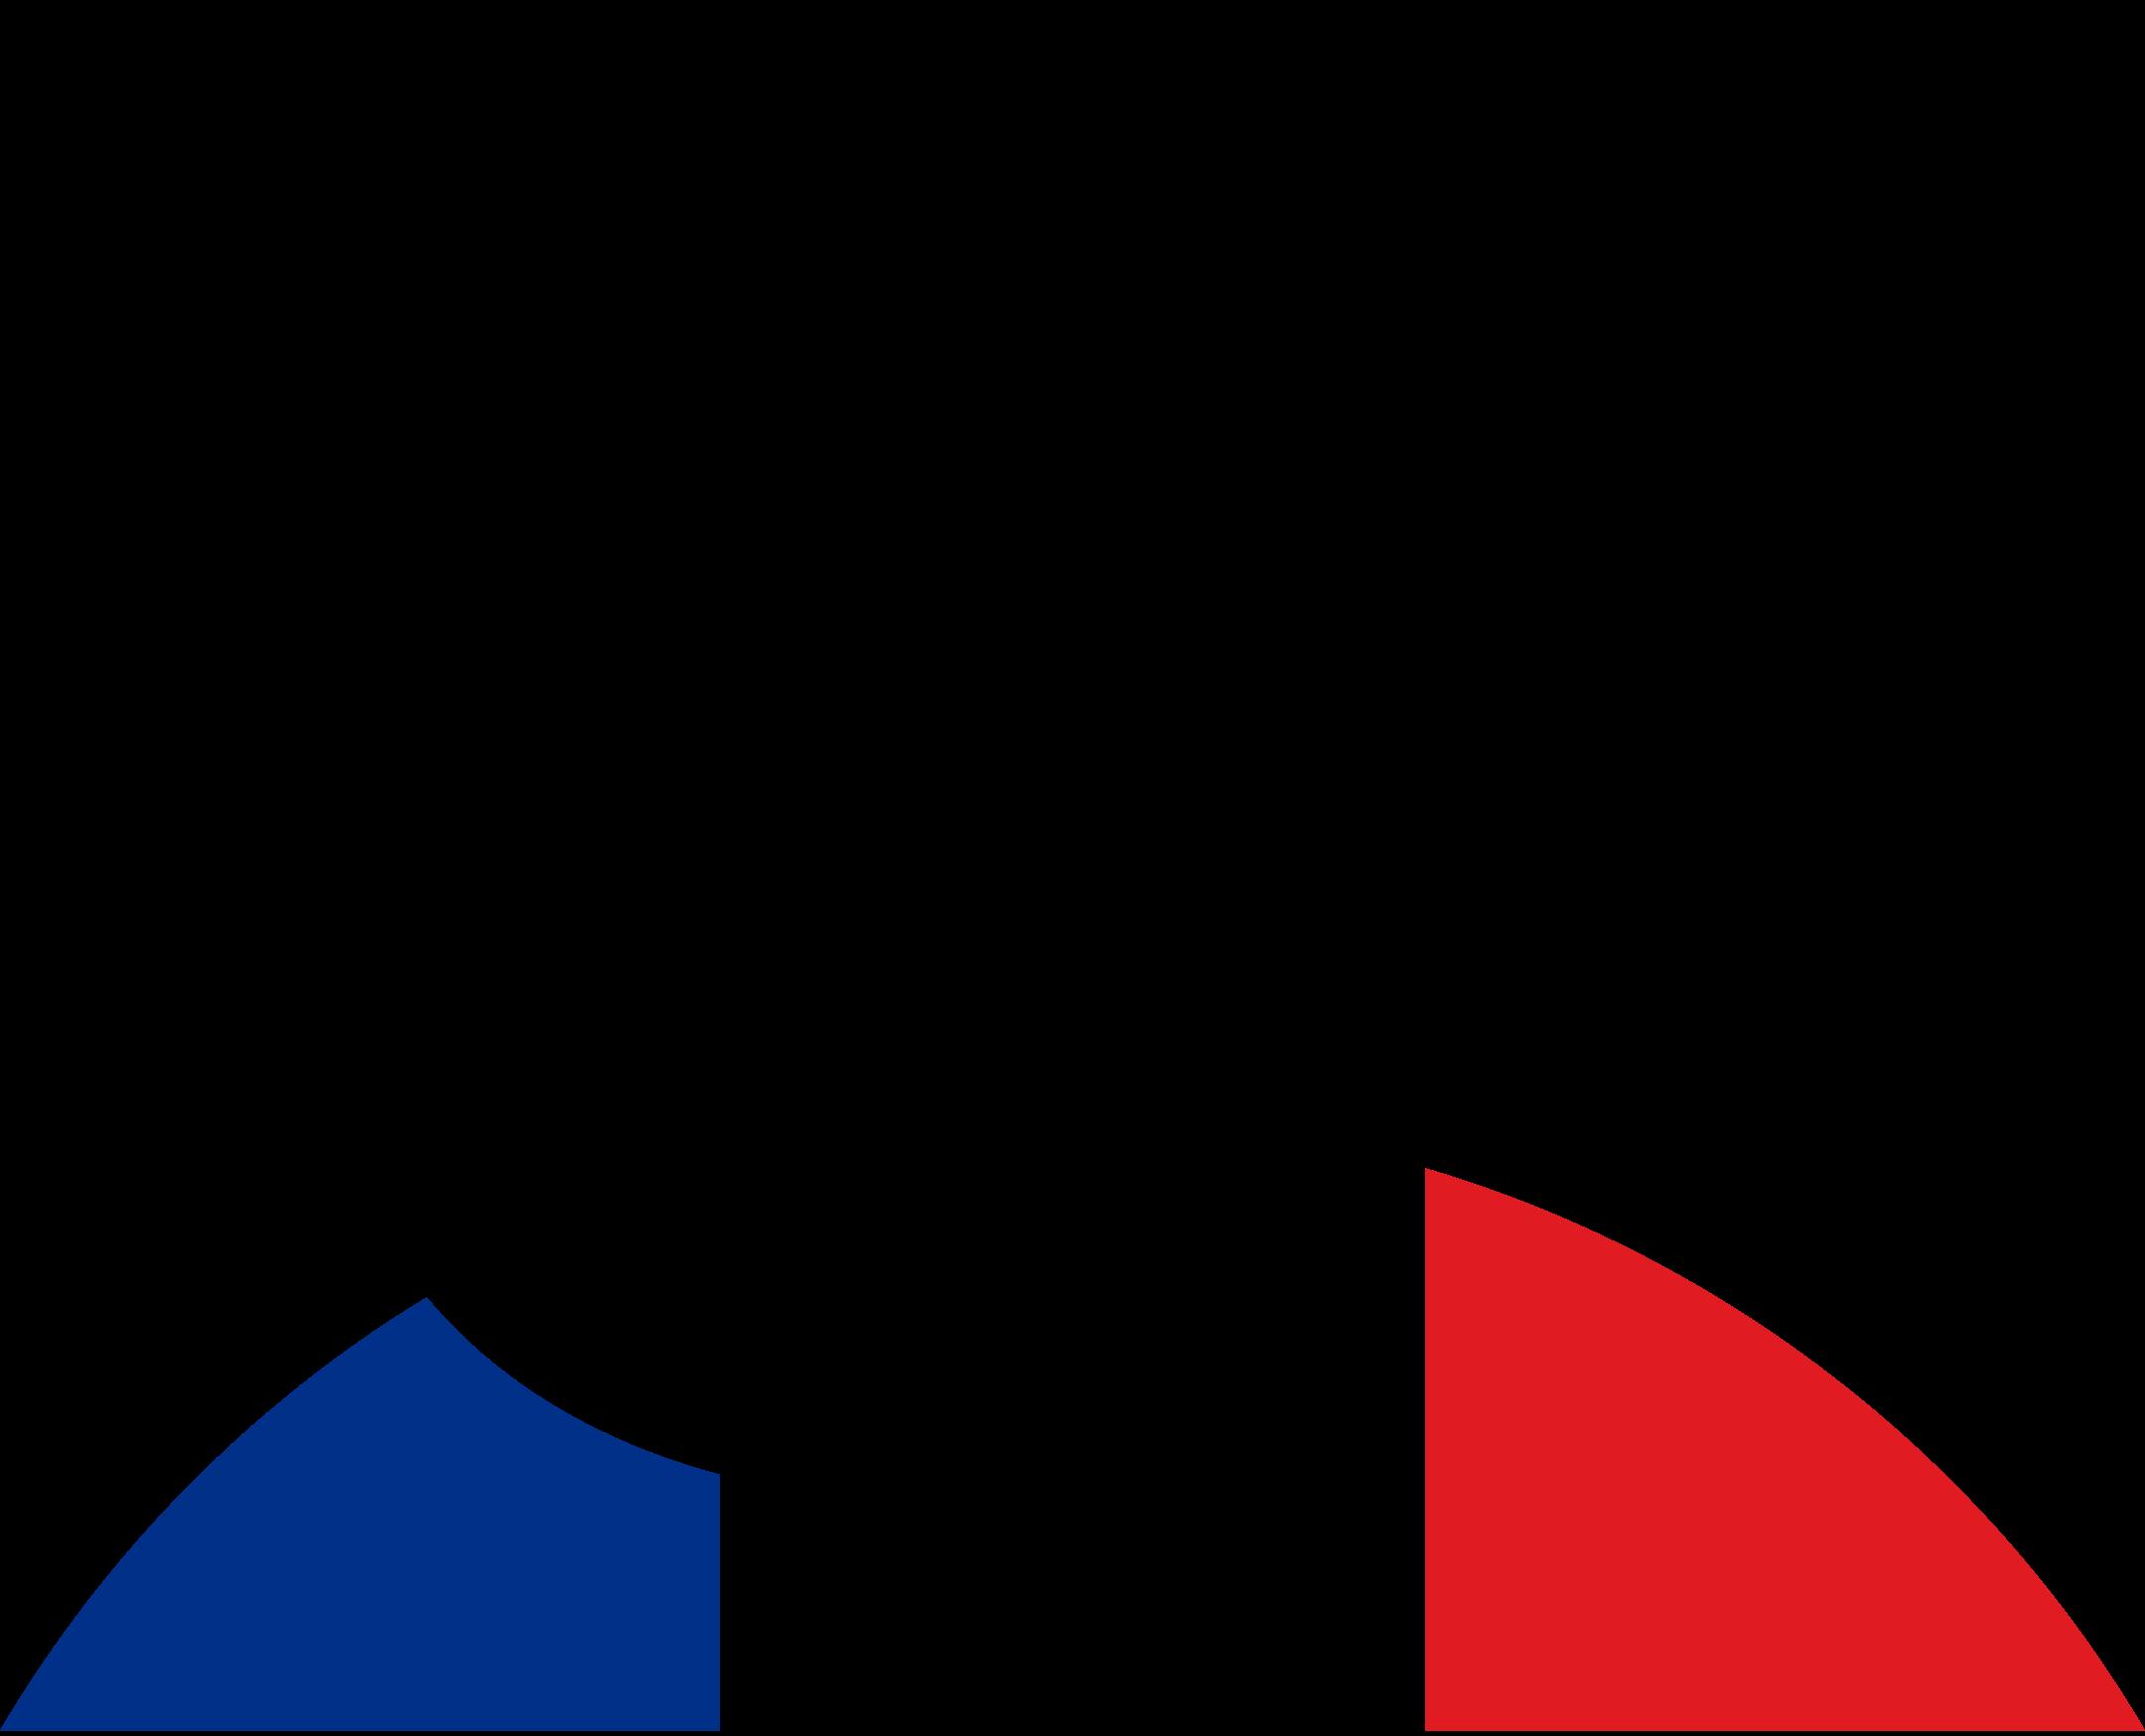 le coq sportif logo 4 - Le Coq Sportif Logo